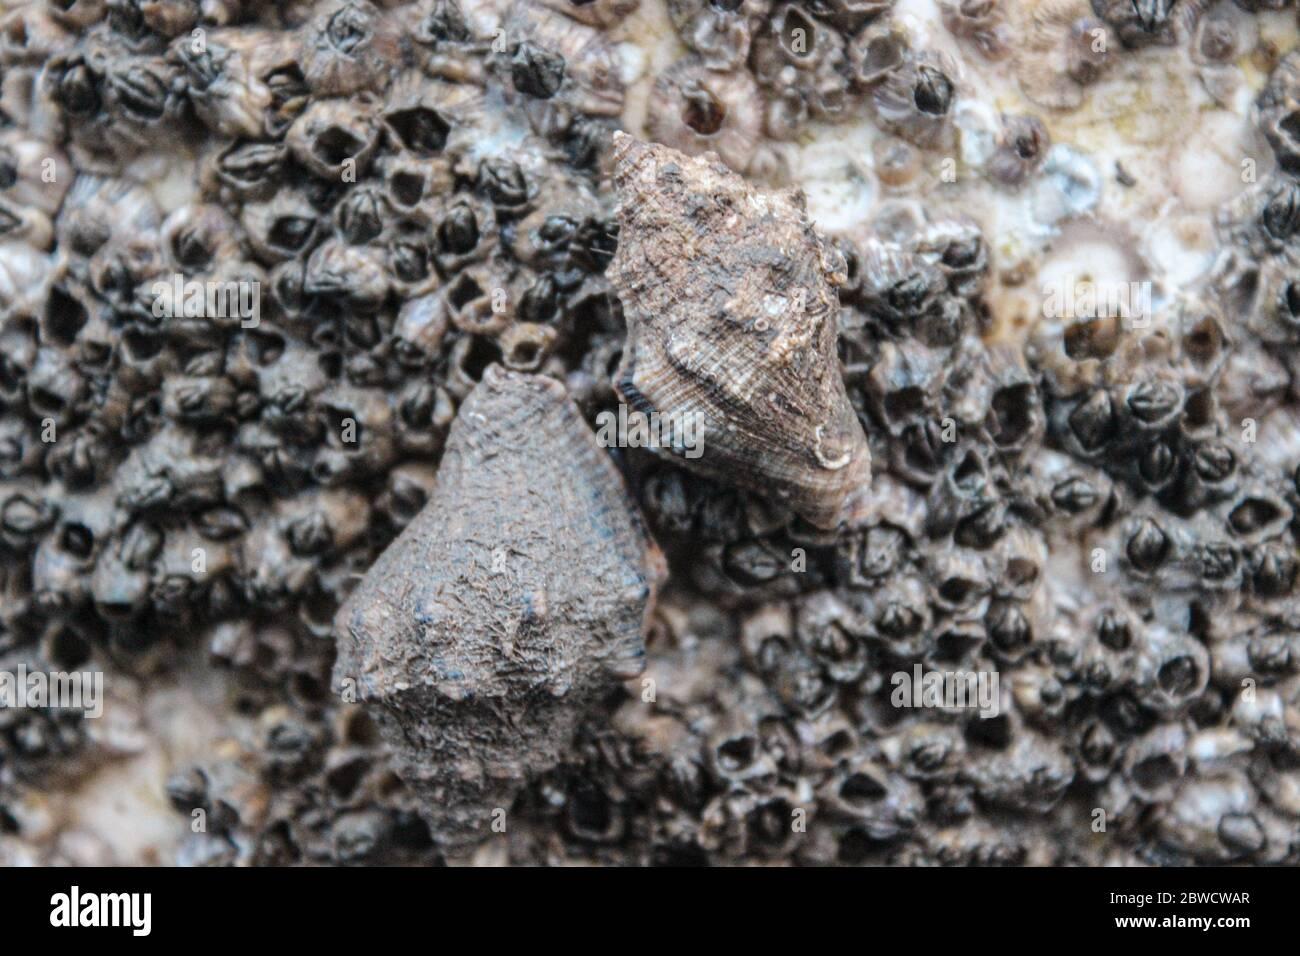 deux vieilles coquilles d'escargots sont collées sur une roche pleine de crustacés Banque D'Images